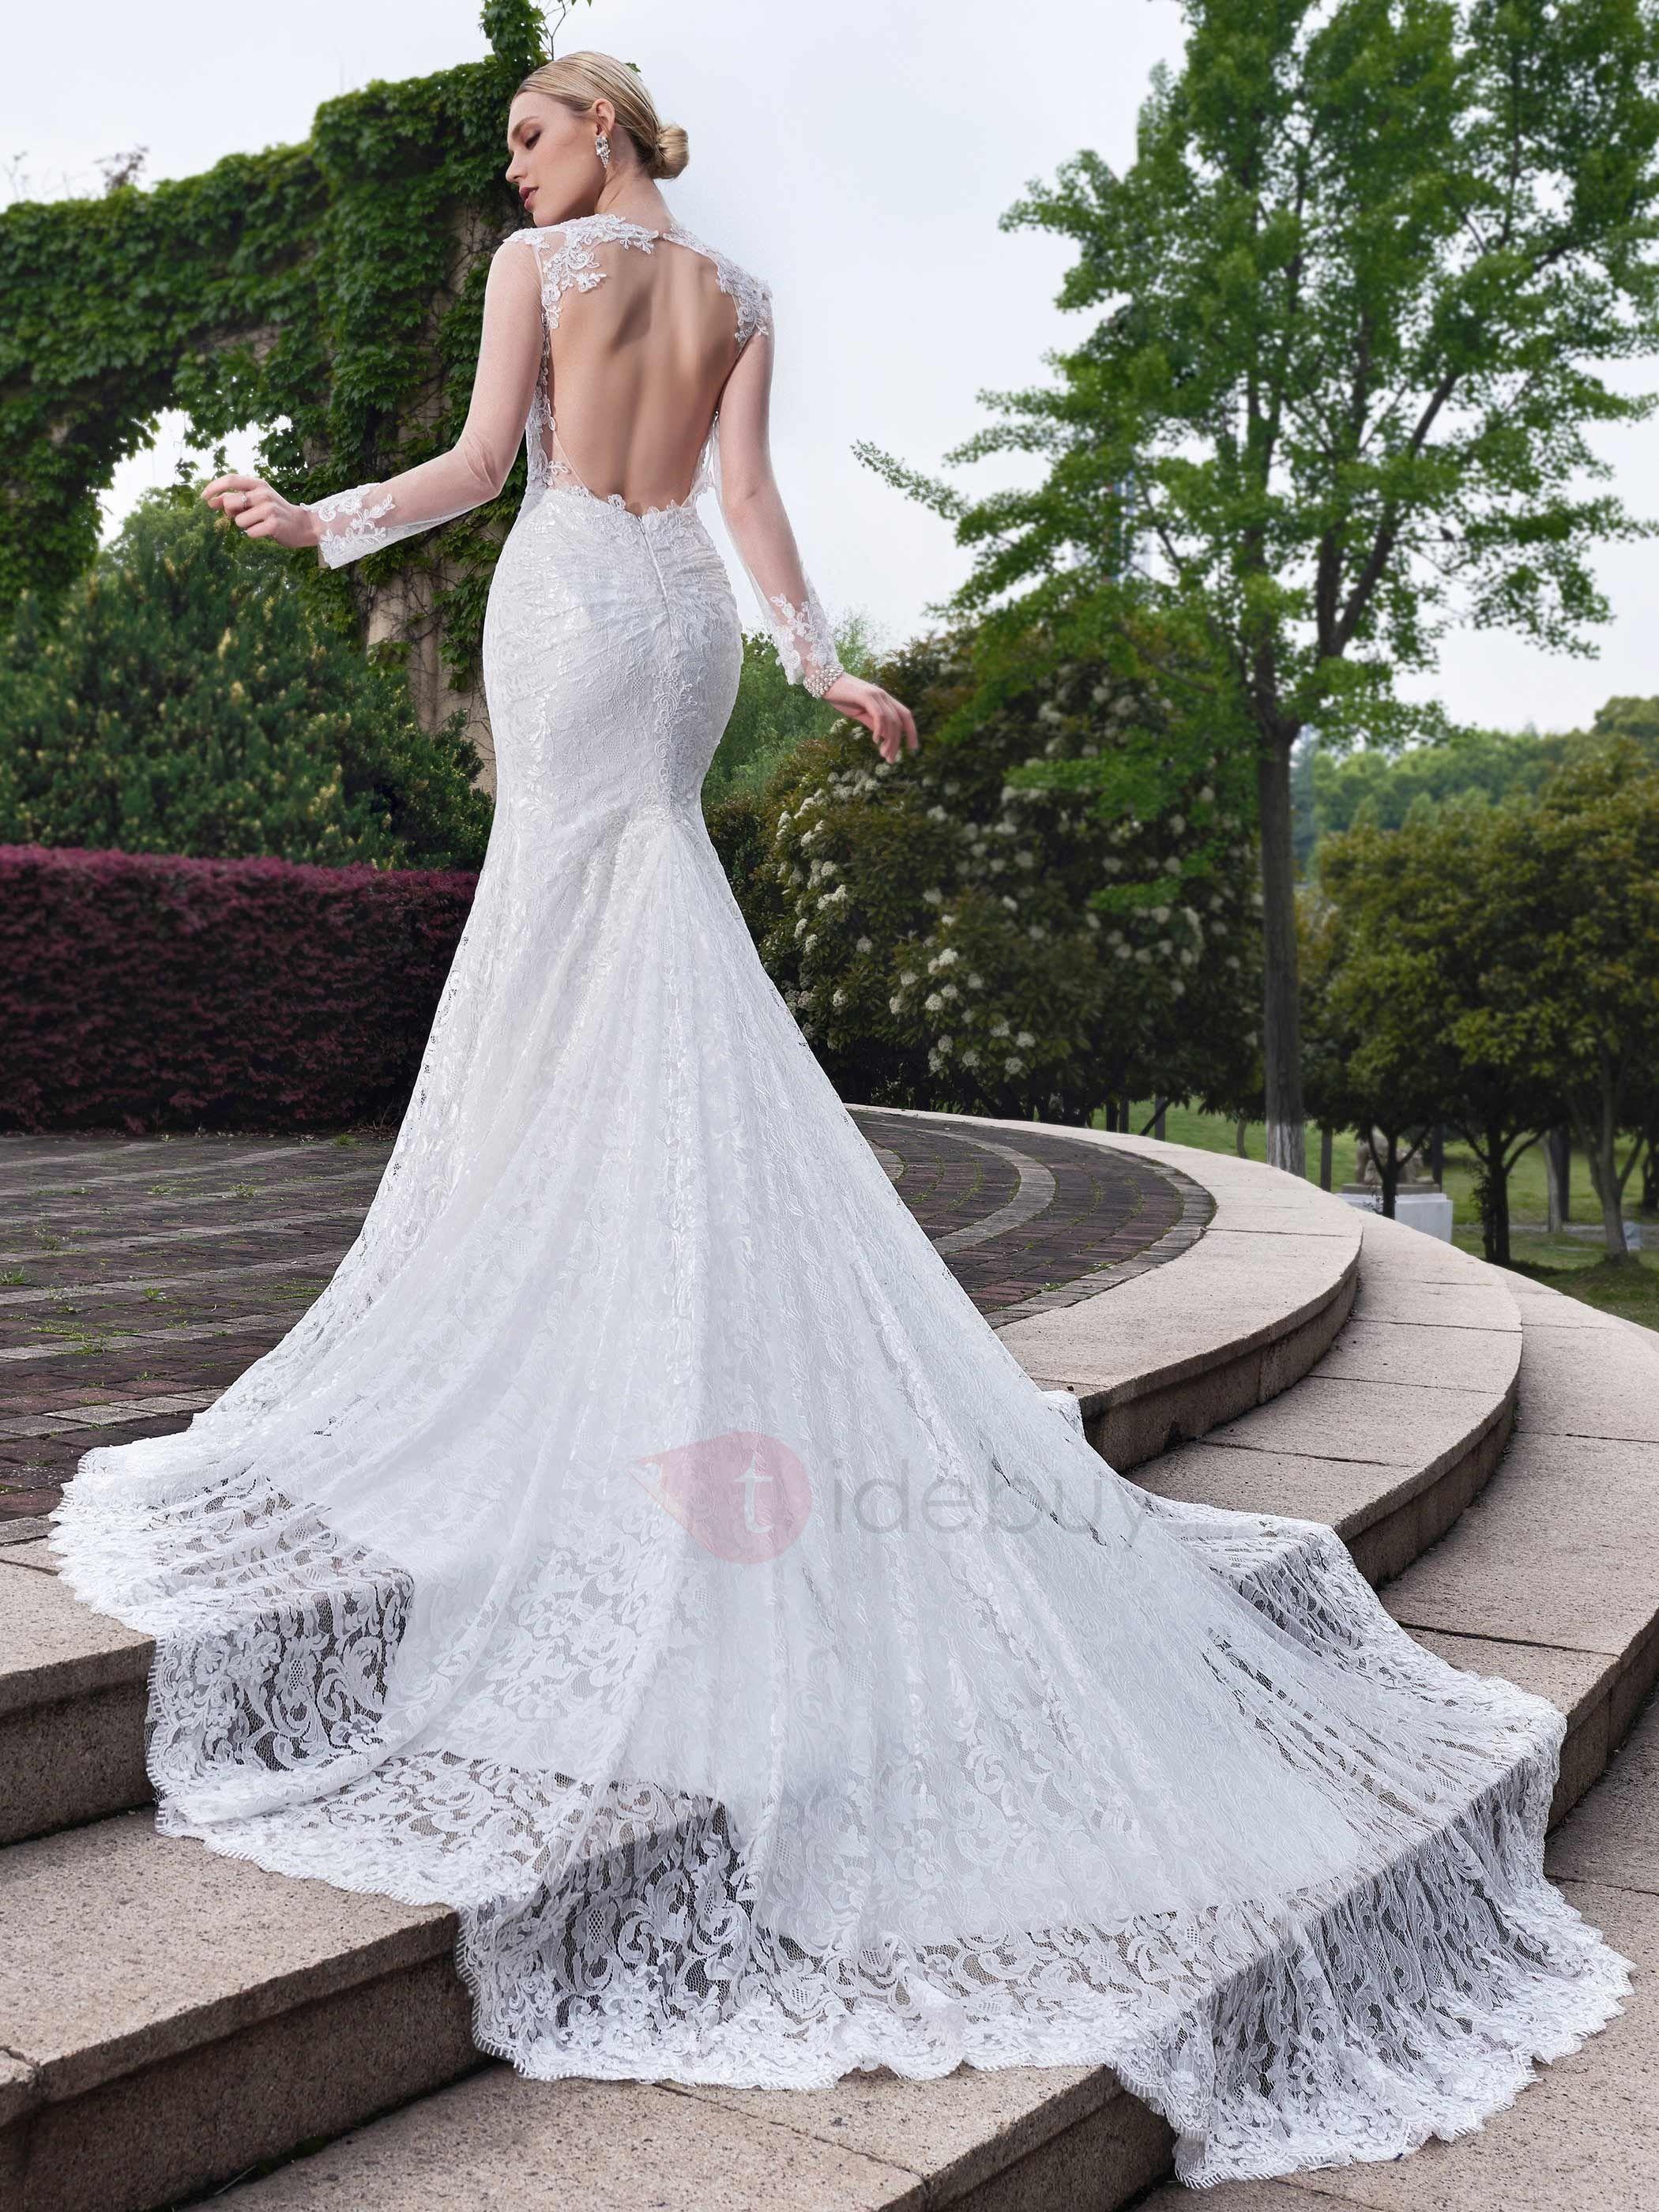 Berühmt Backless Hochzeitskleid Pinterest Zeitgenössisch - Hochzeit ...